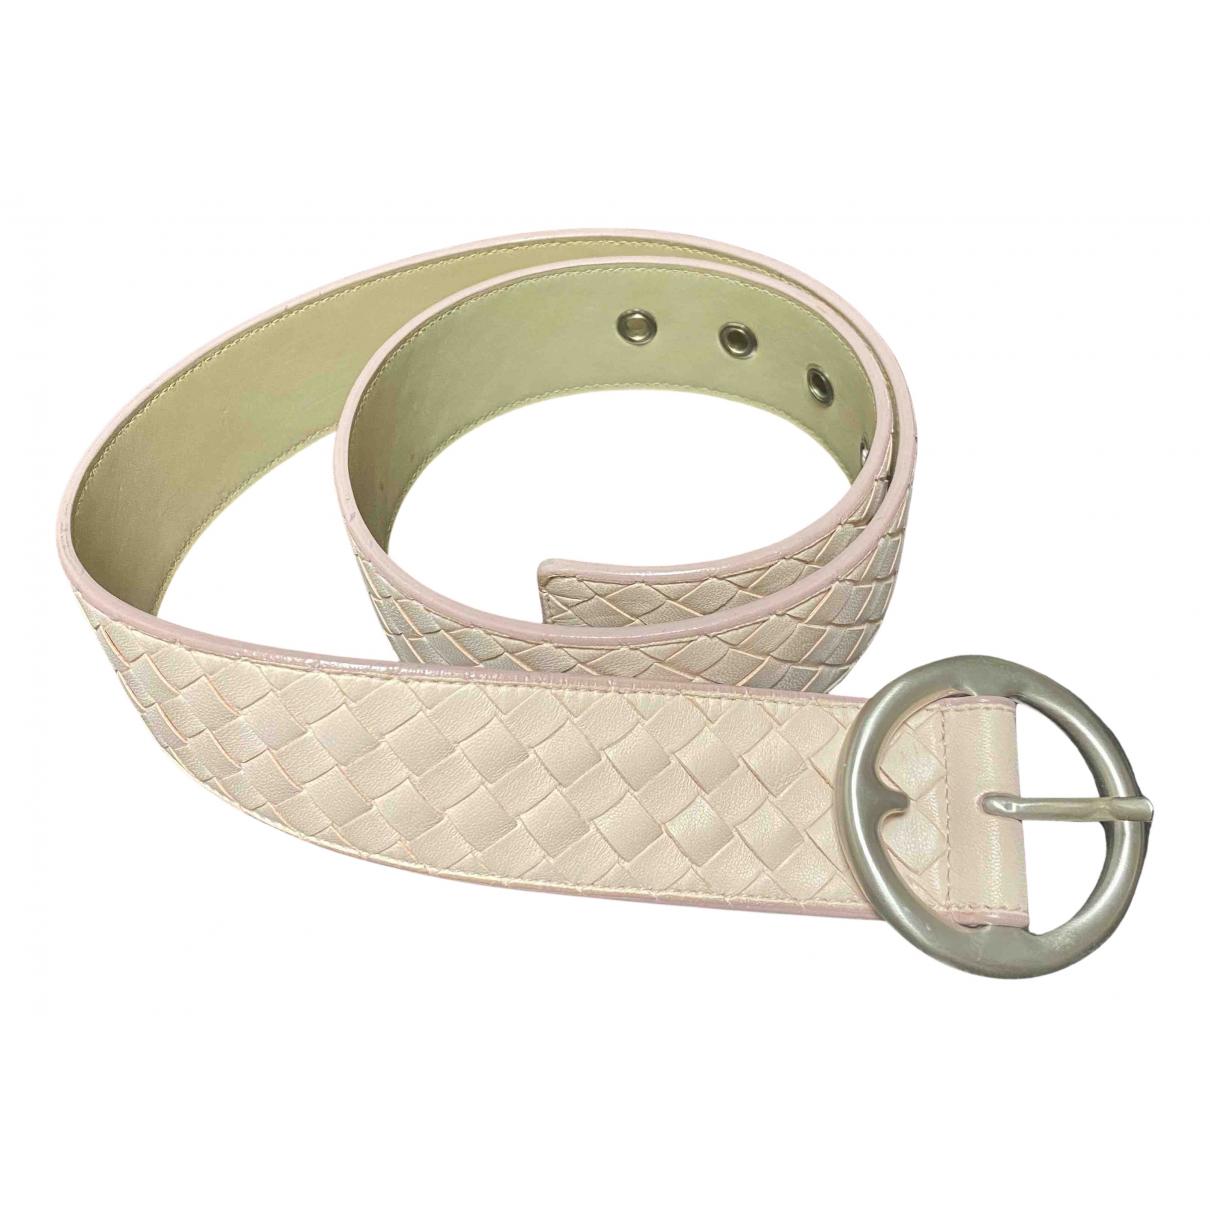 Bottega Veneta N Pink Leather belt for Women 90 cm